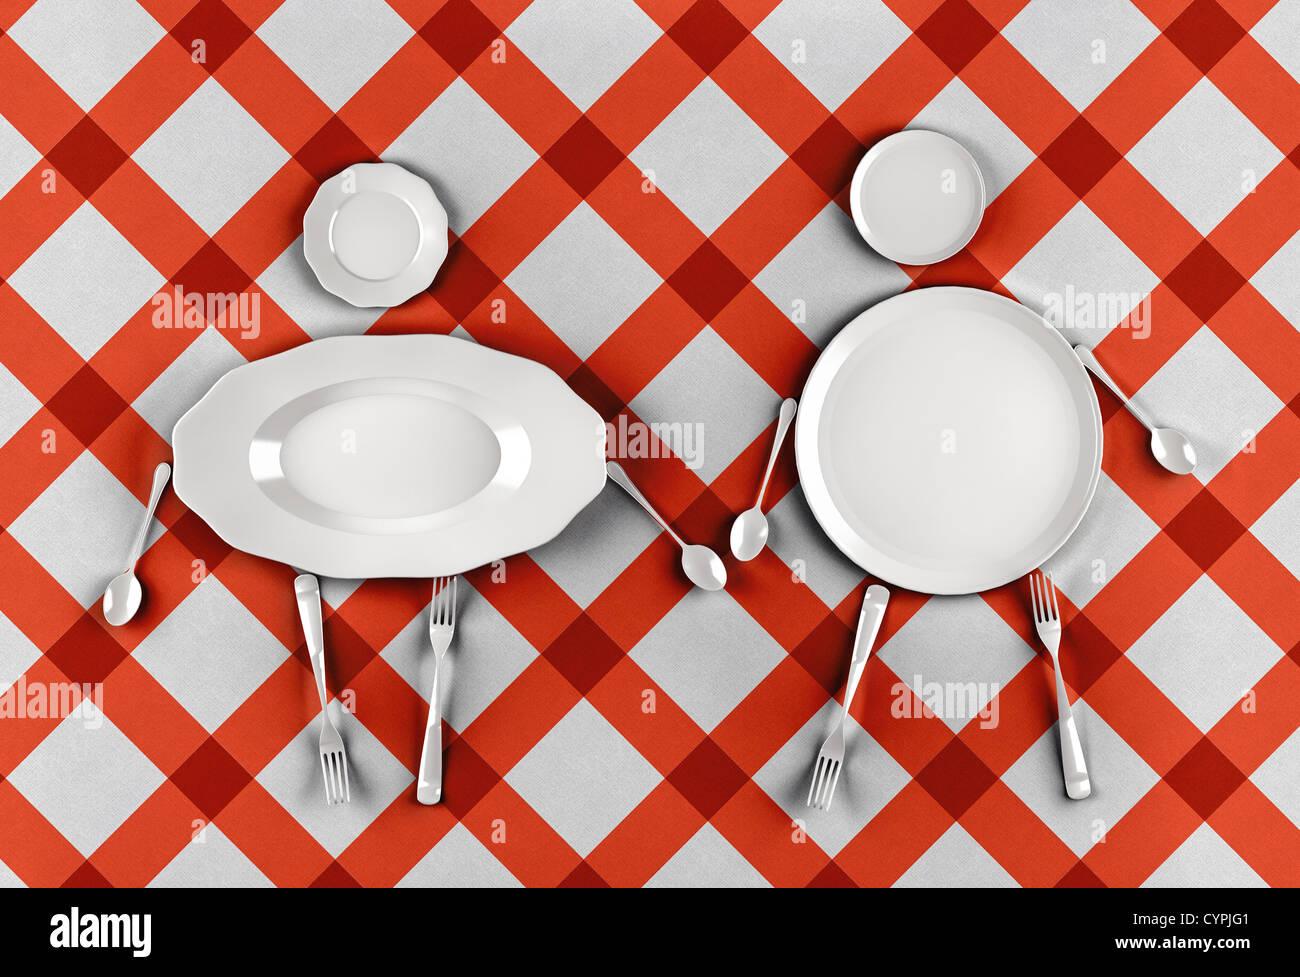 Figuren von Männern und Frauen, stilisierte durch Gerichte auf einem Muster-Hintergrund Stockbild